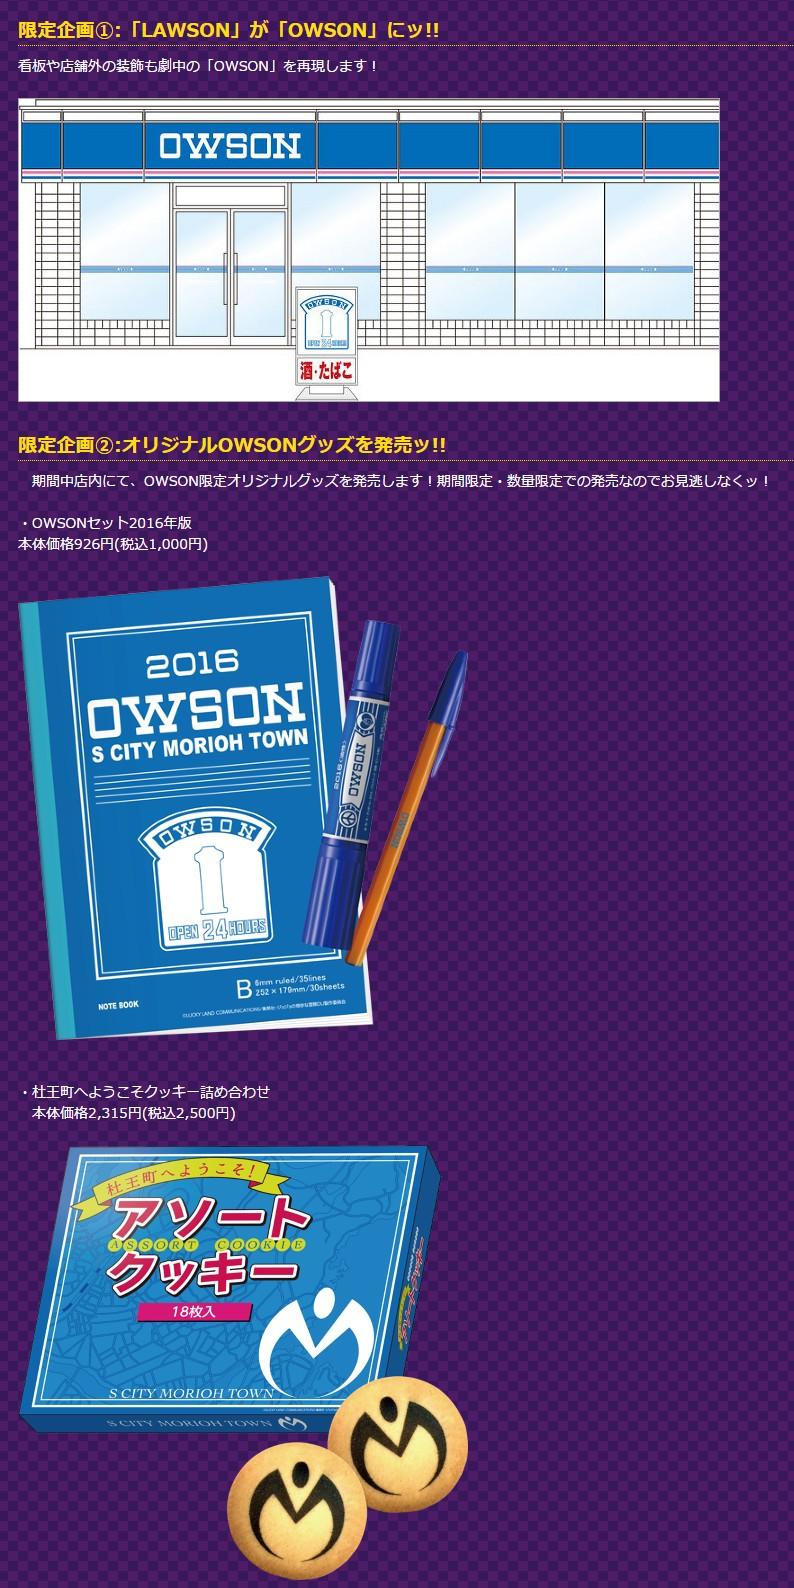 2016-07-24-owson2016